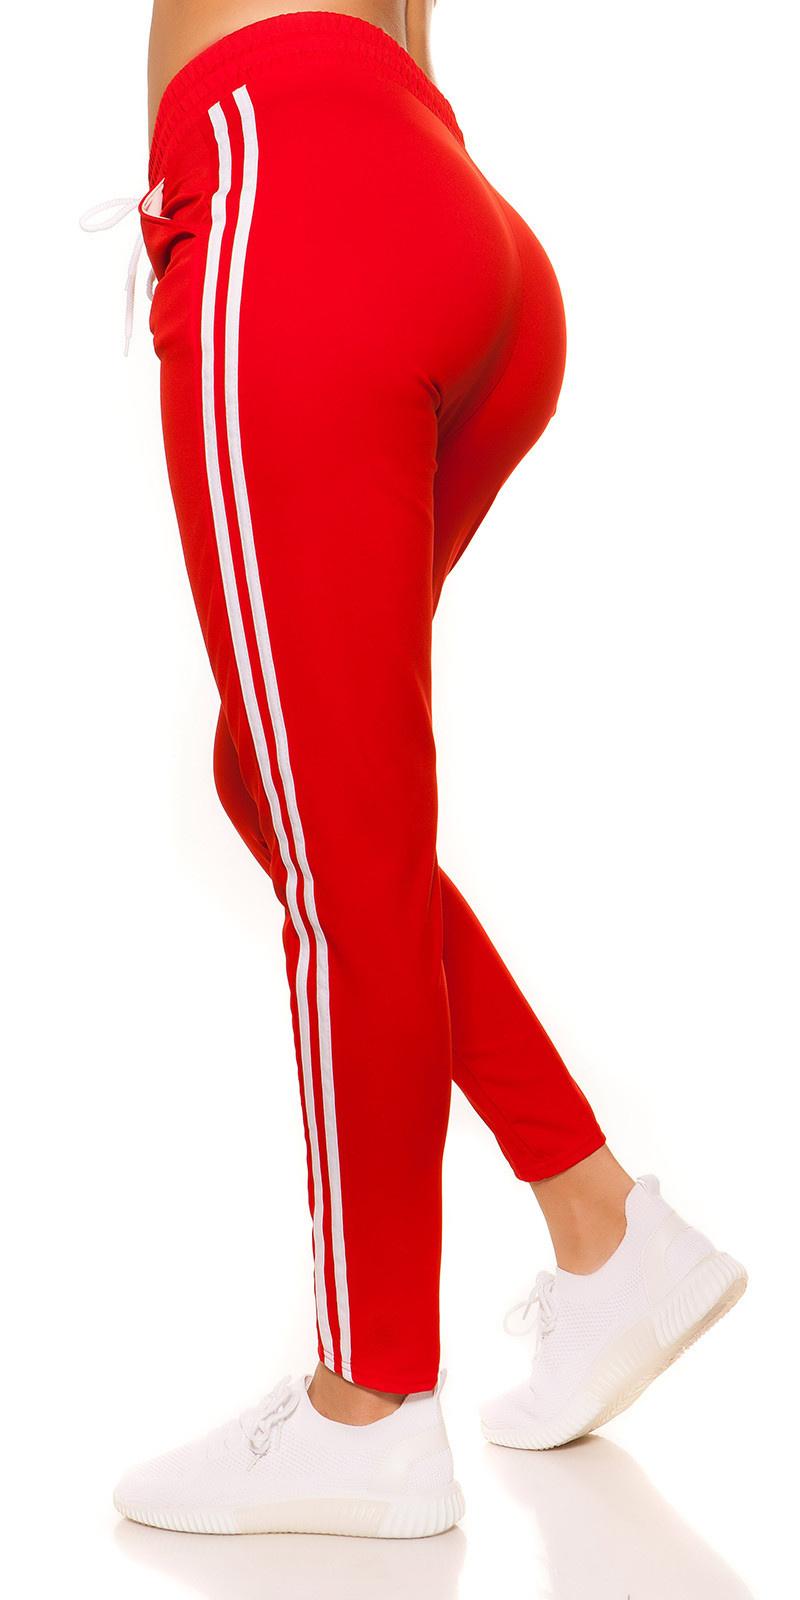 Trendy joggingbroek met strepen jaren 90 retro look rood